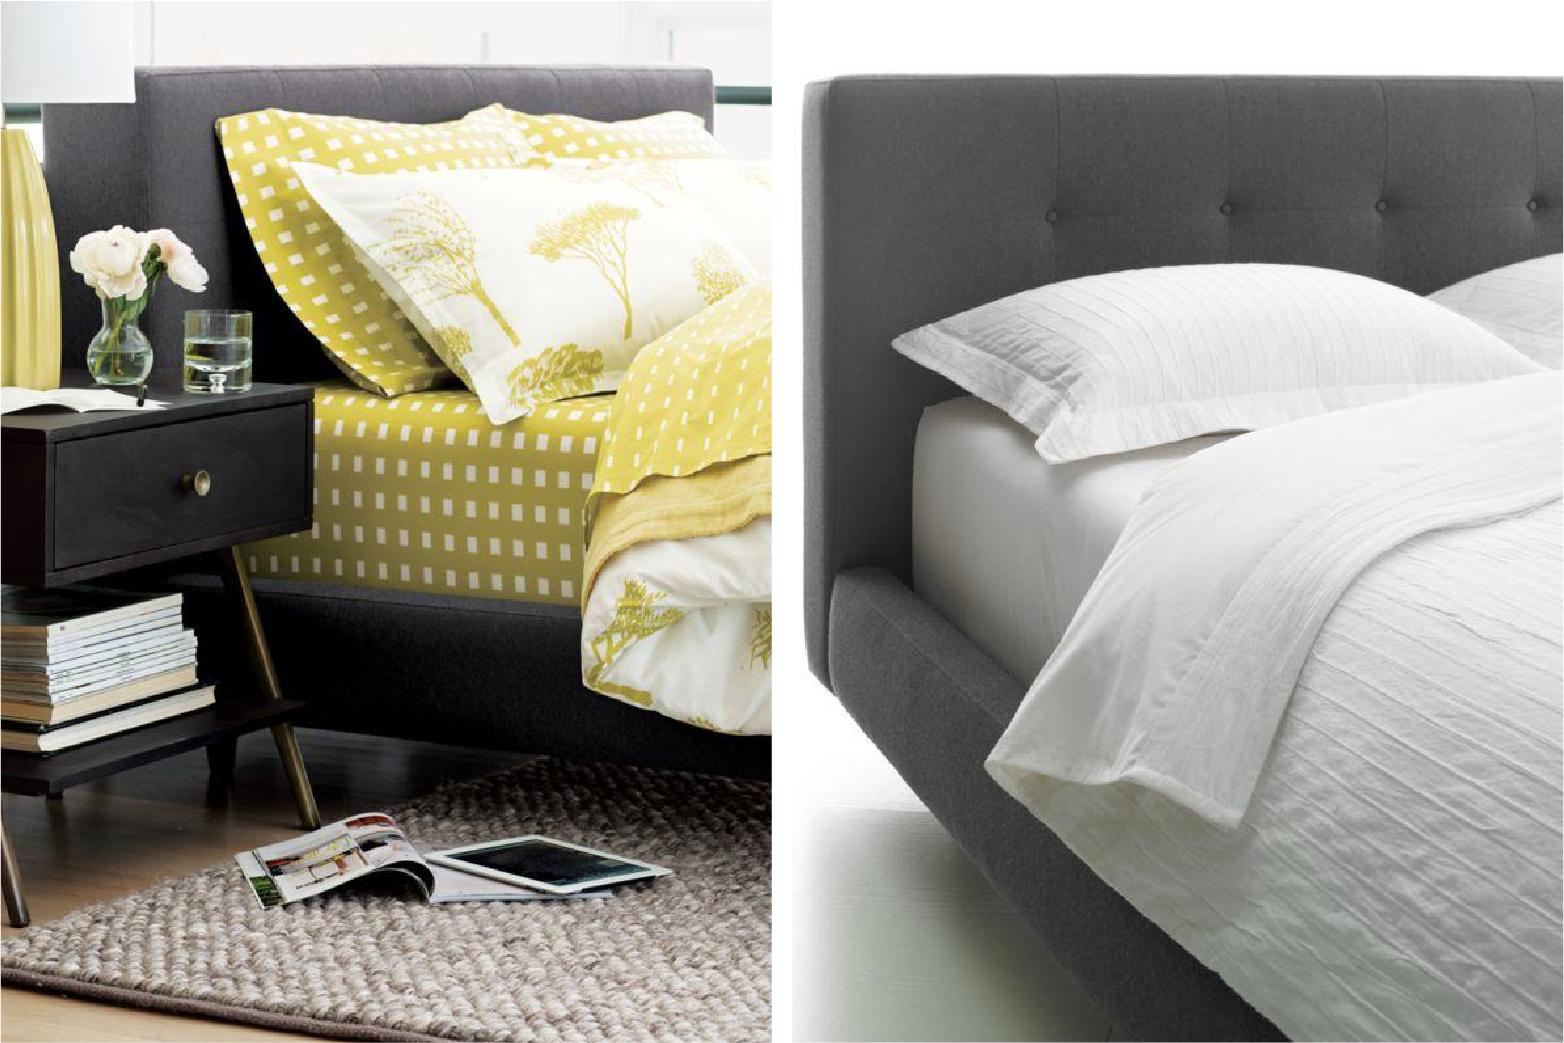 livspace-furniture-upholstered-bed-crate-barrel